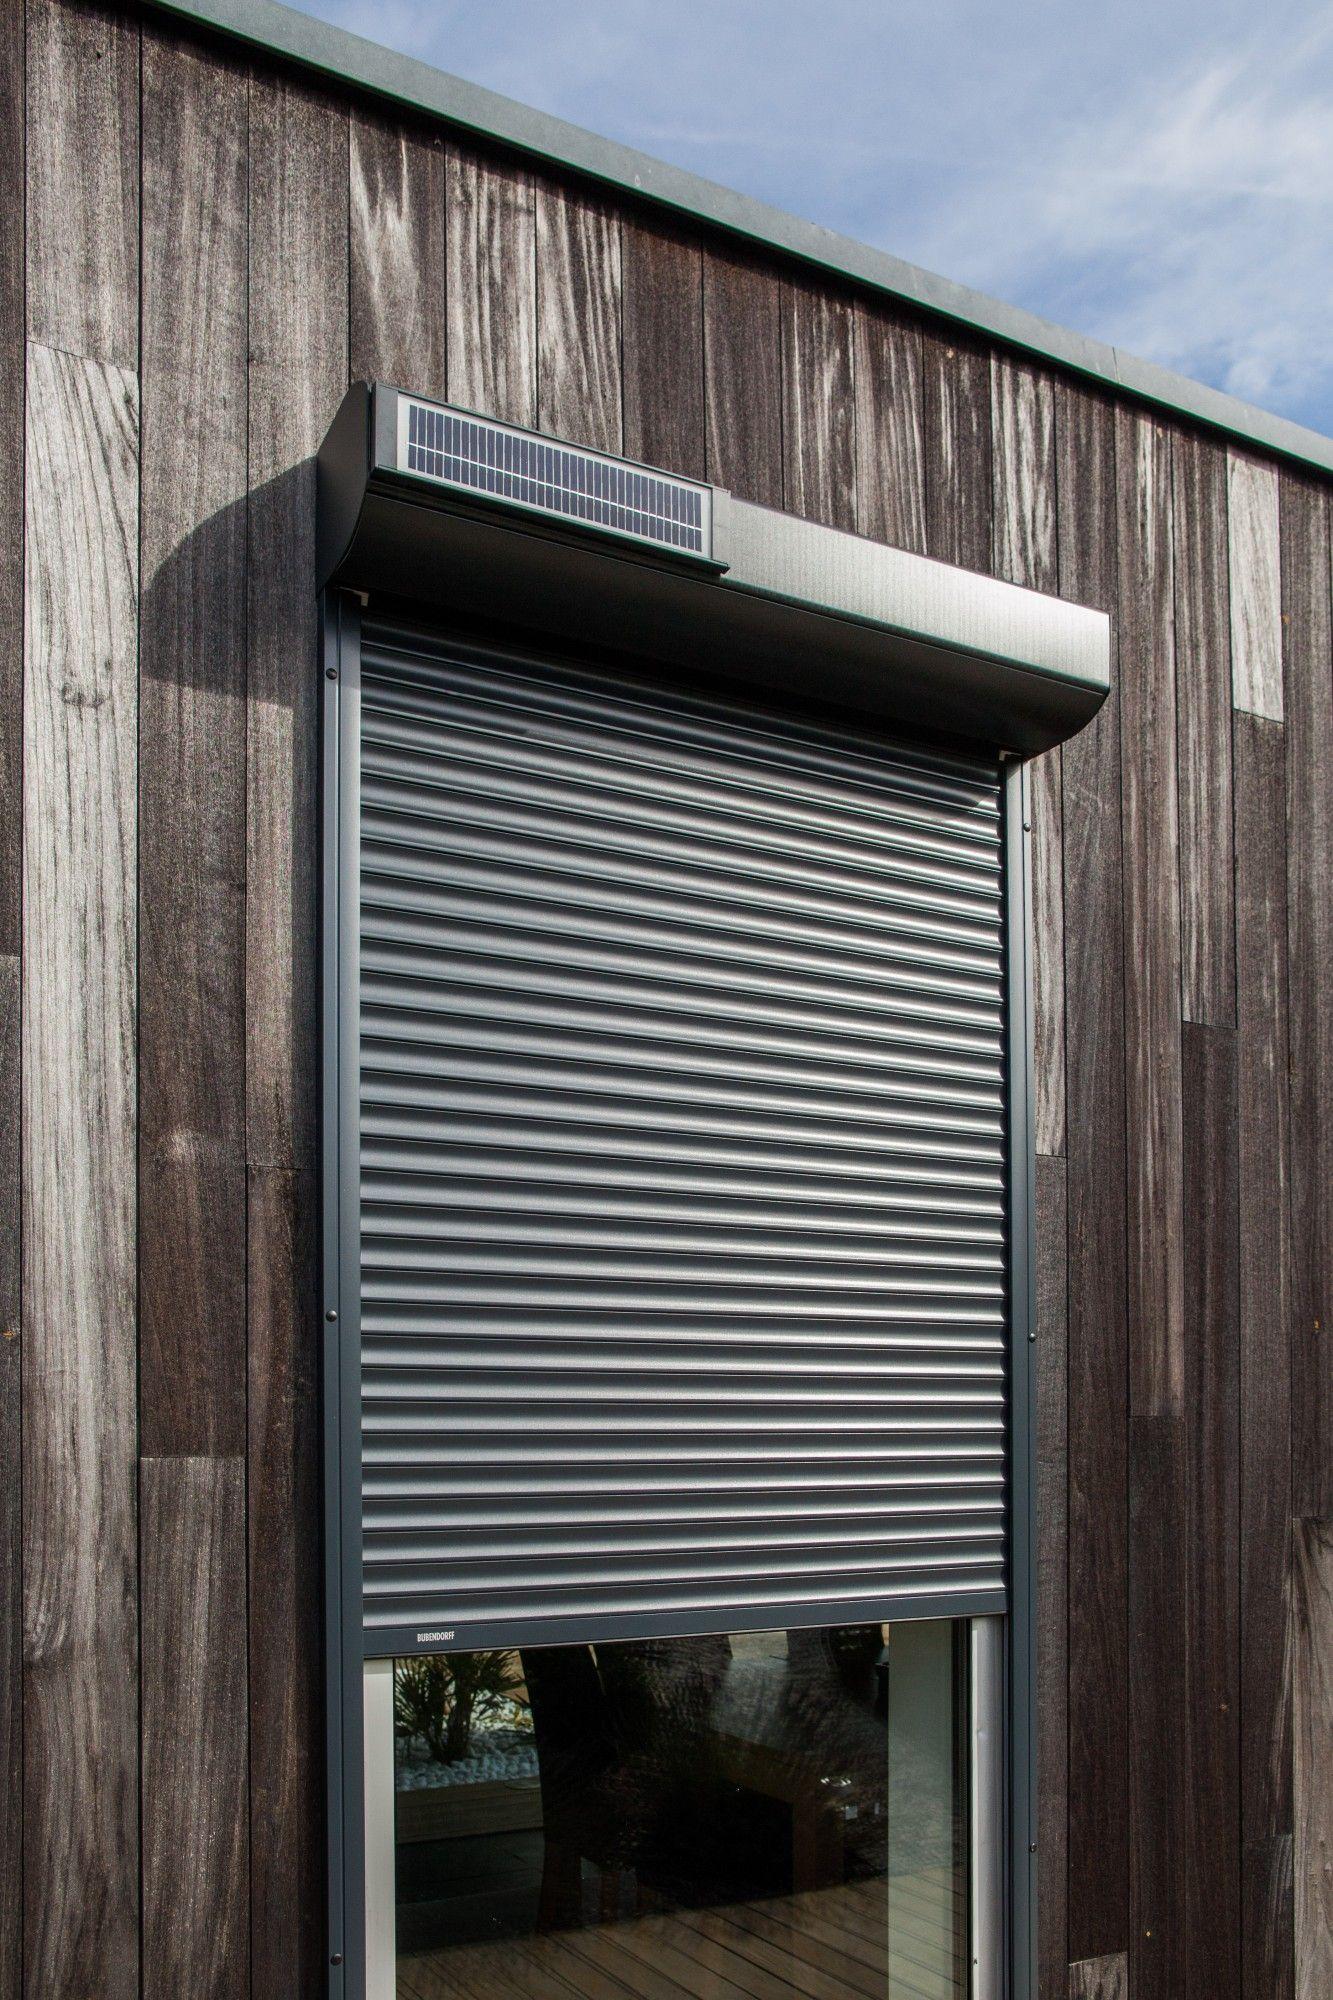 volet roulant solaire autonome un atout dans votre maison vitrolles 13127 changer ses volets. Black Bedroom Furniture Sets. Home Design Ideas